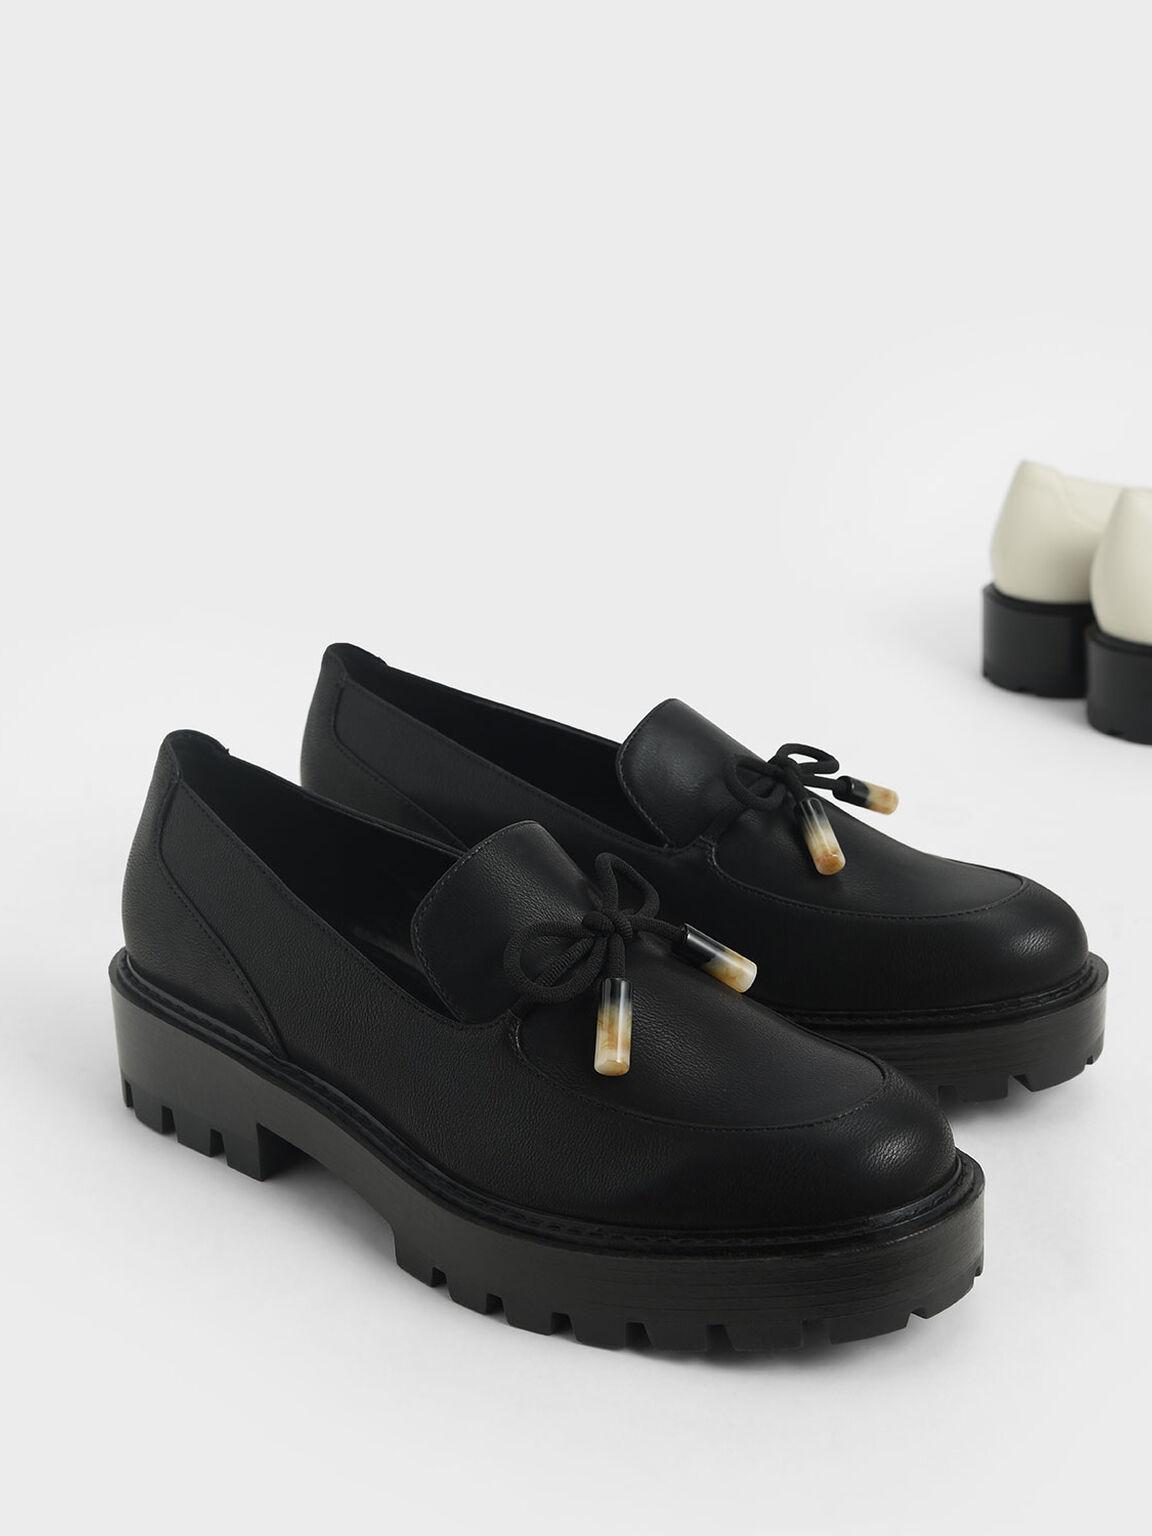 Embellished Bow Loafers, Black, hi-res